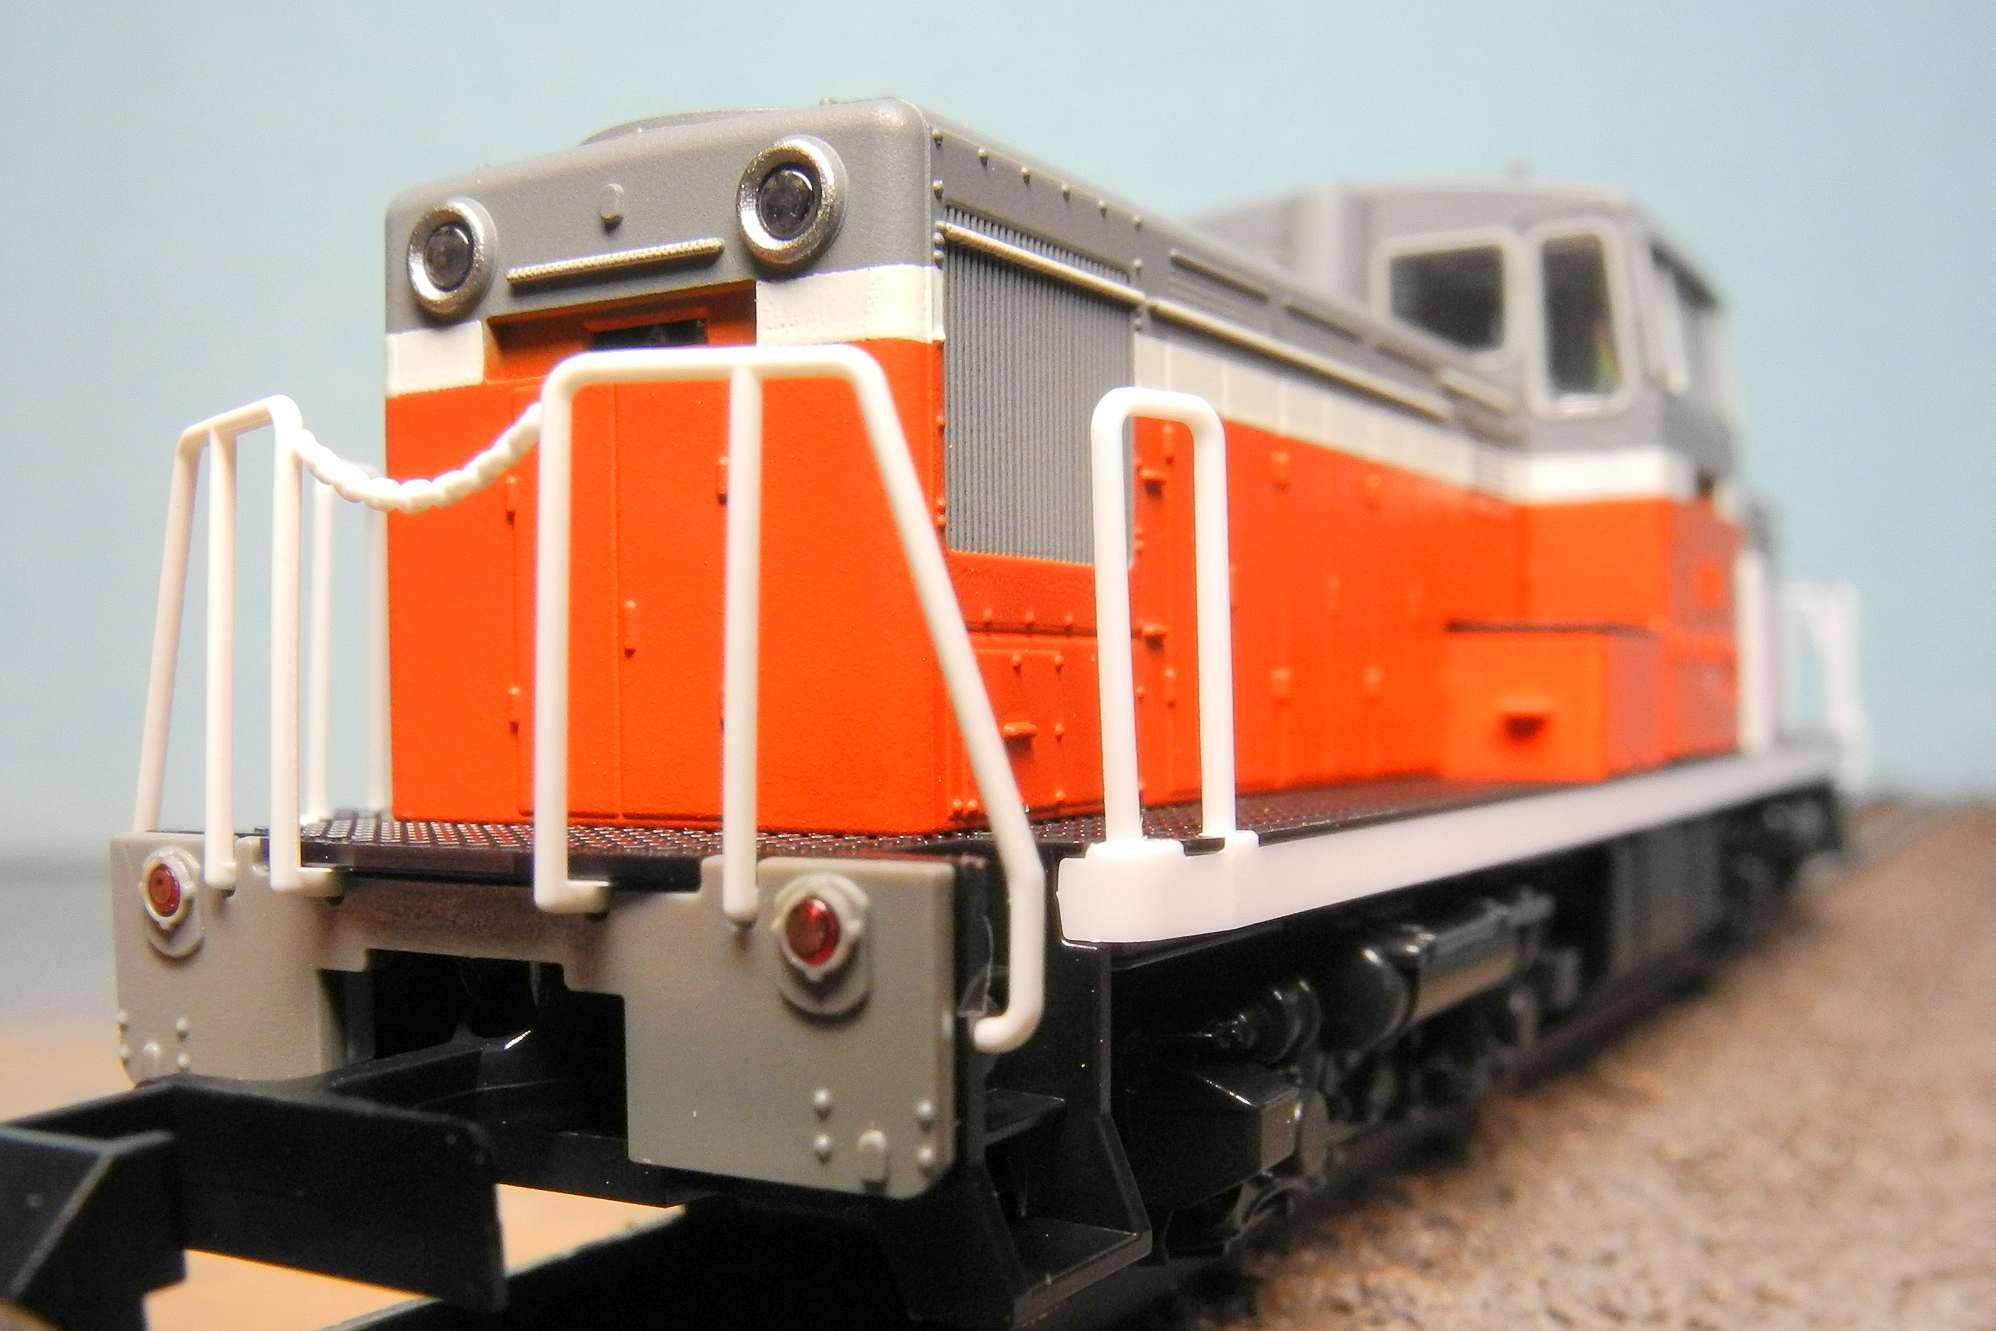 DSCN7064-1.jpg